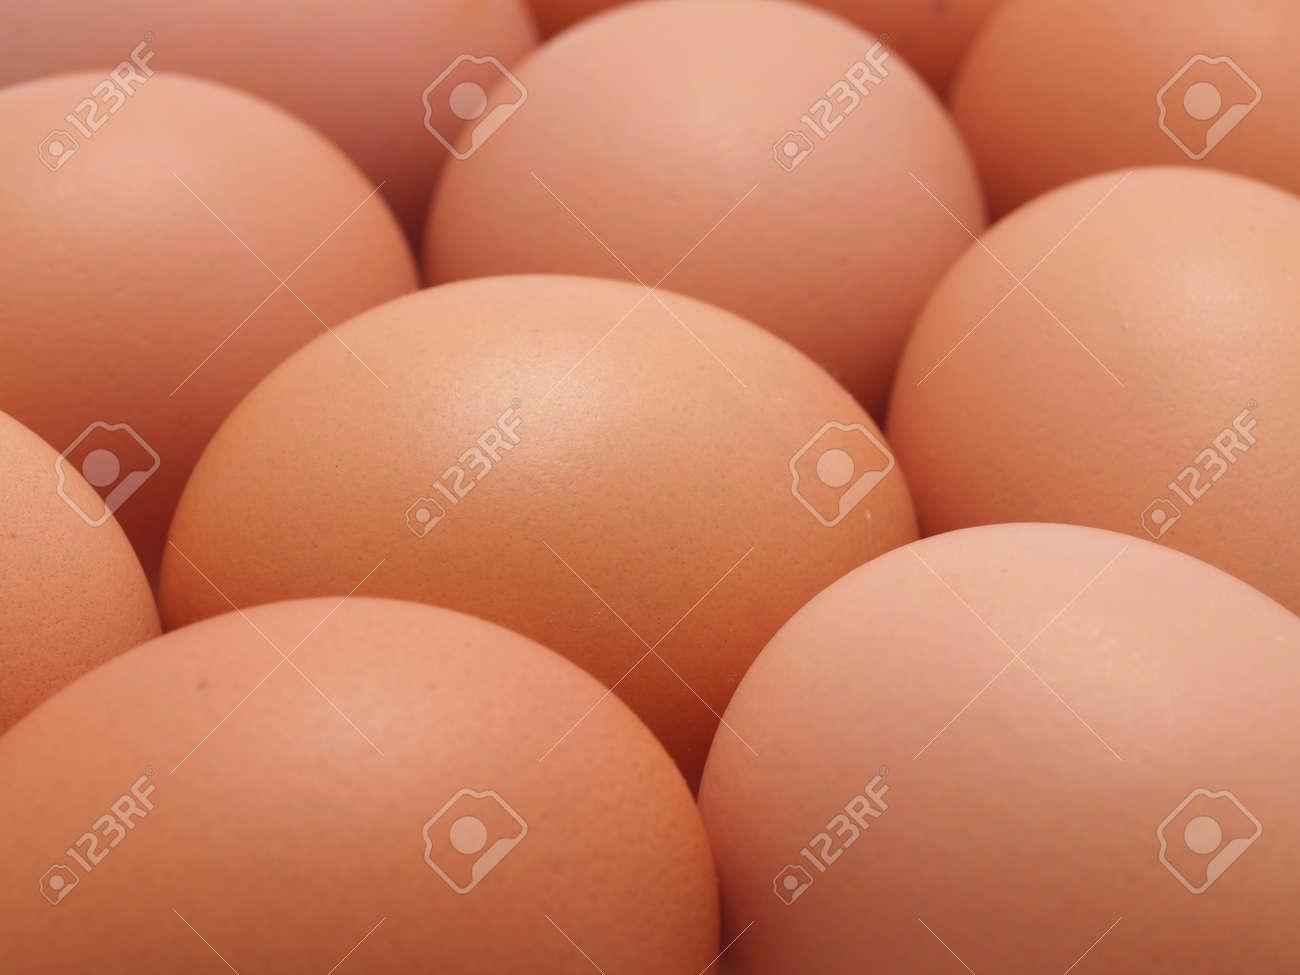 Eggs texture Stock Photo - 18211363